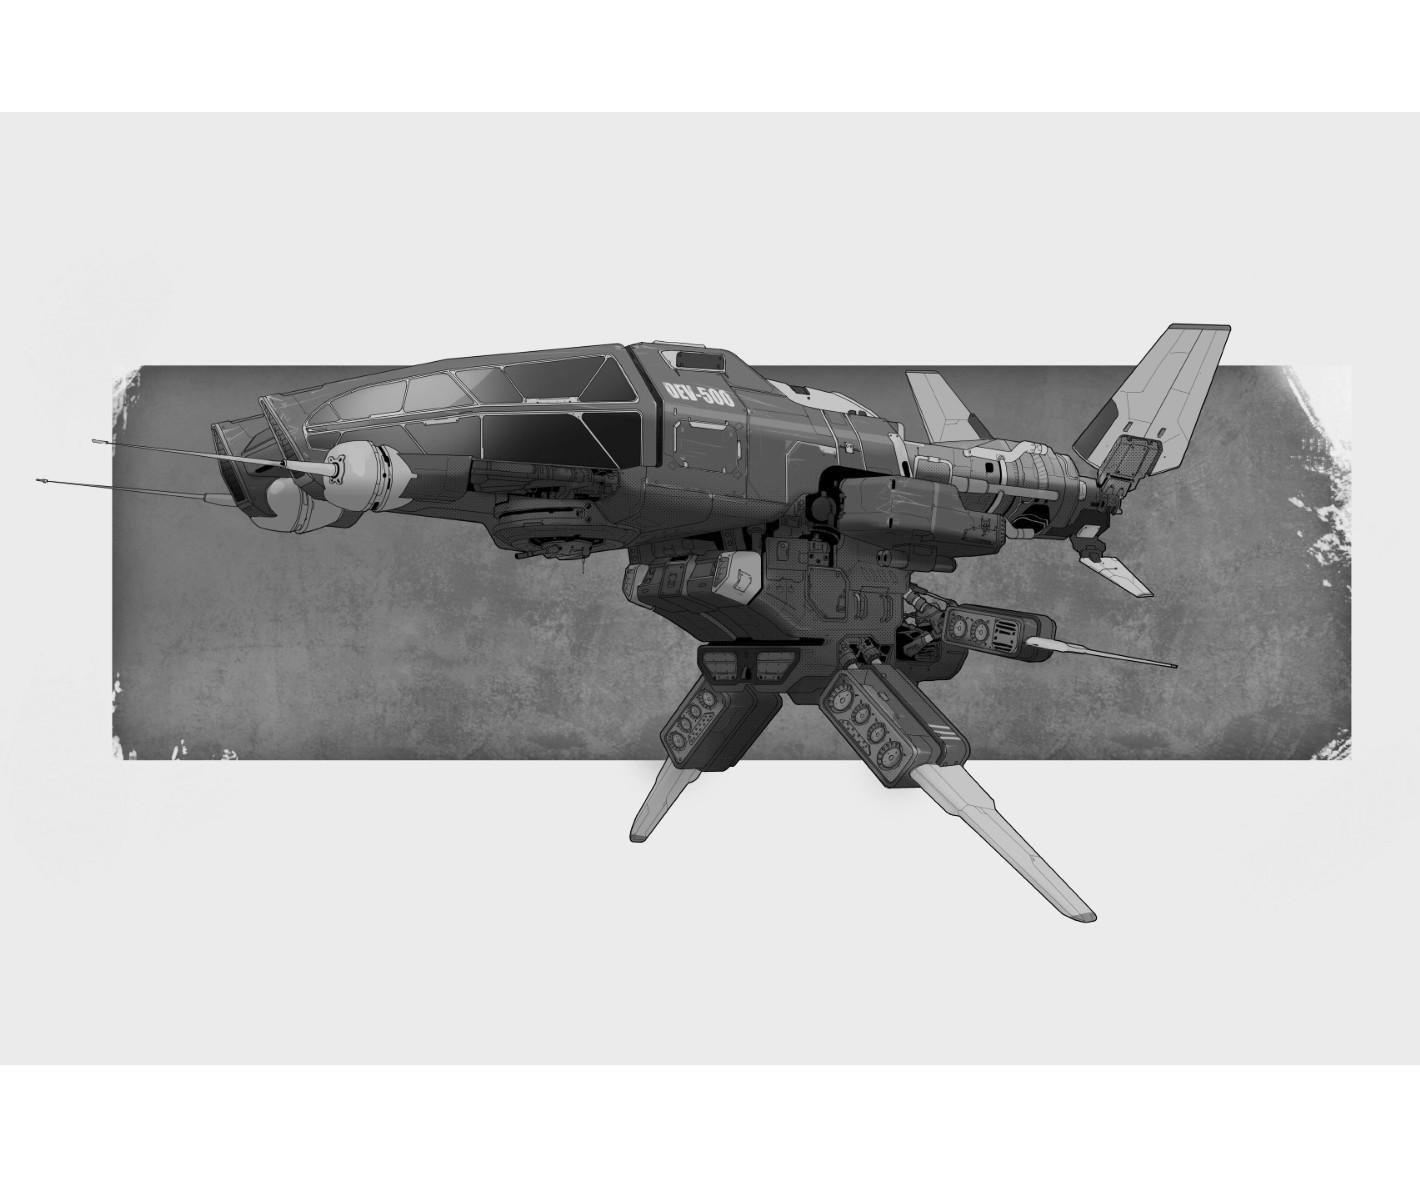 sergey-chesnokov-spaceship-01-bw.jpg?150